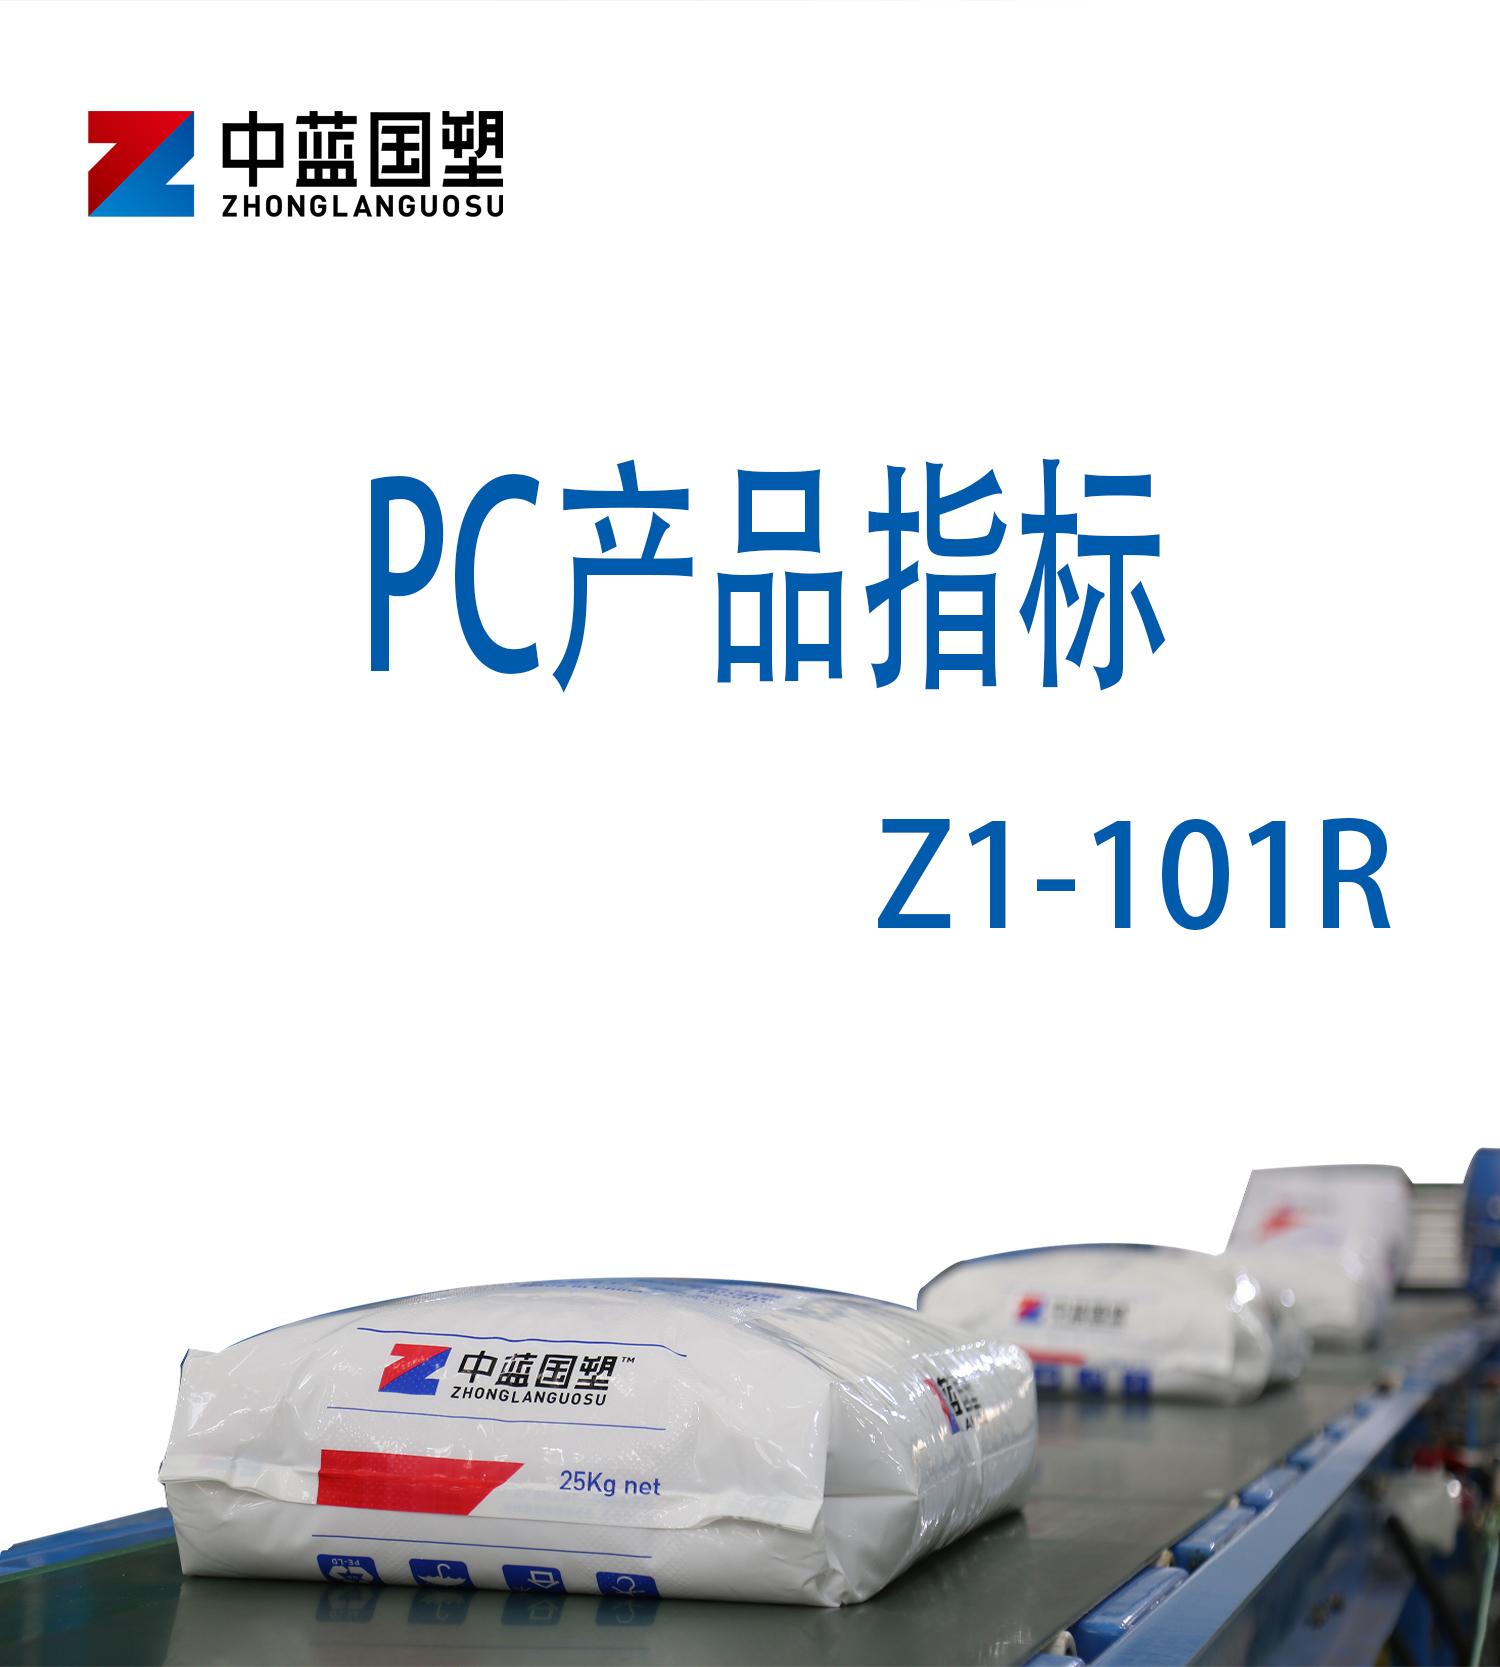 Z1-101R